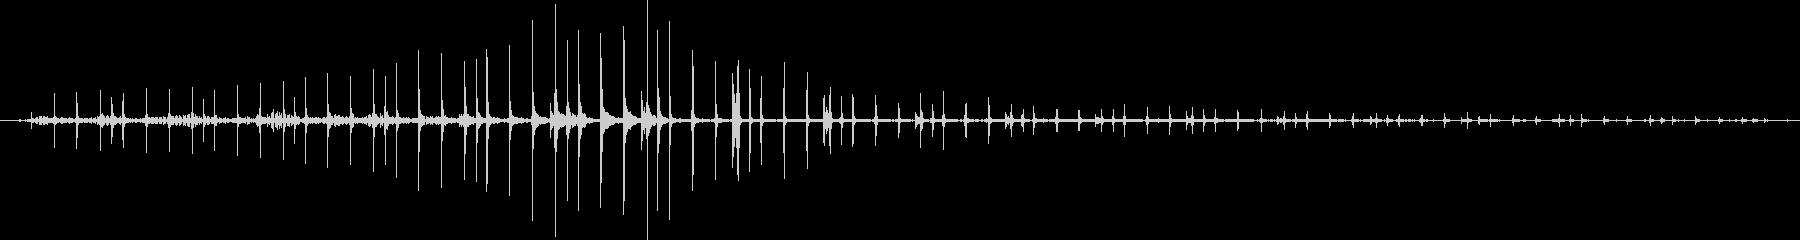 葬儀行列:内線:ドラム、オーバーヘ...の未再生の波形